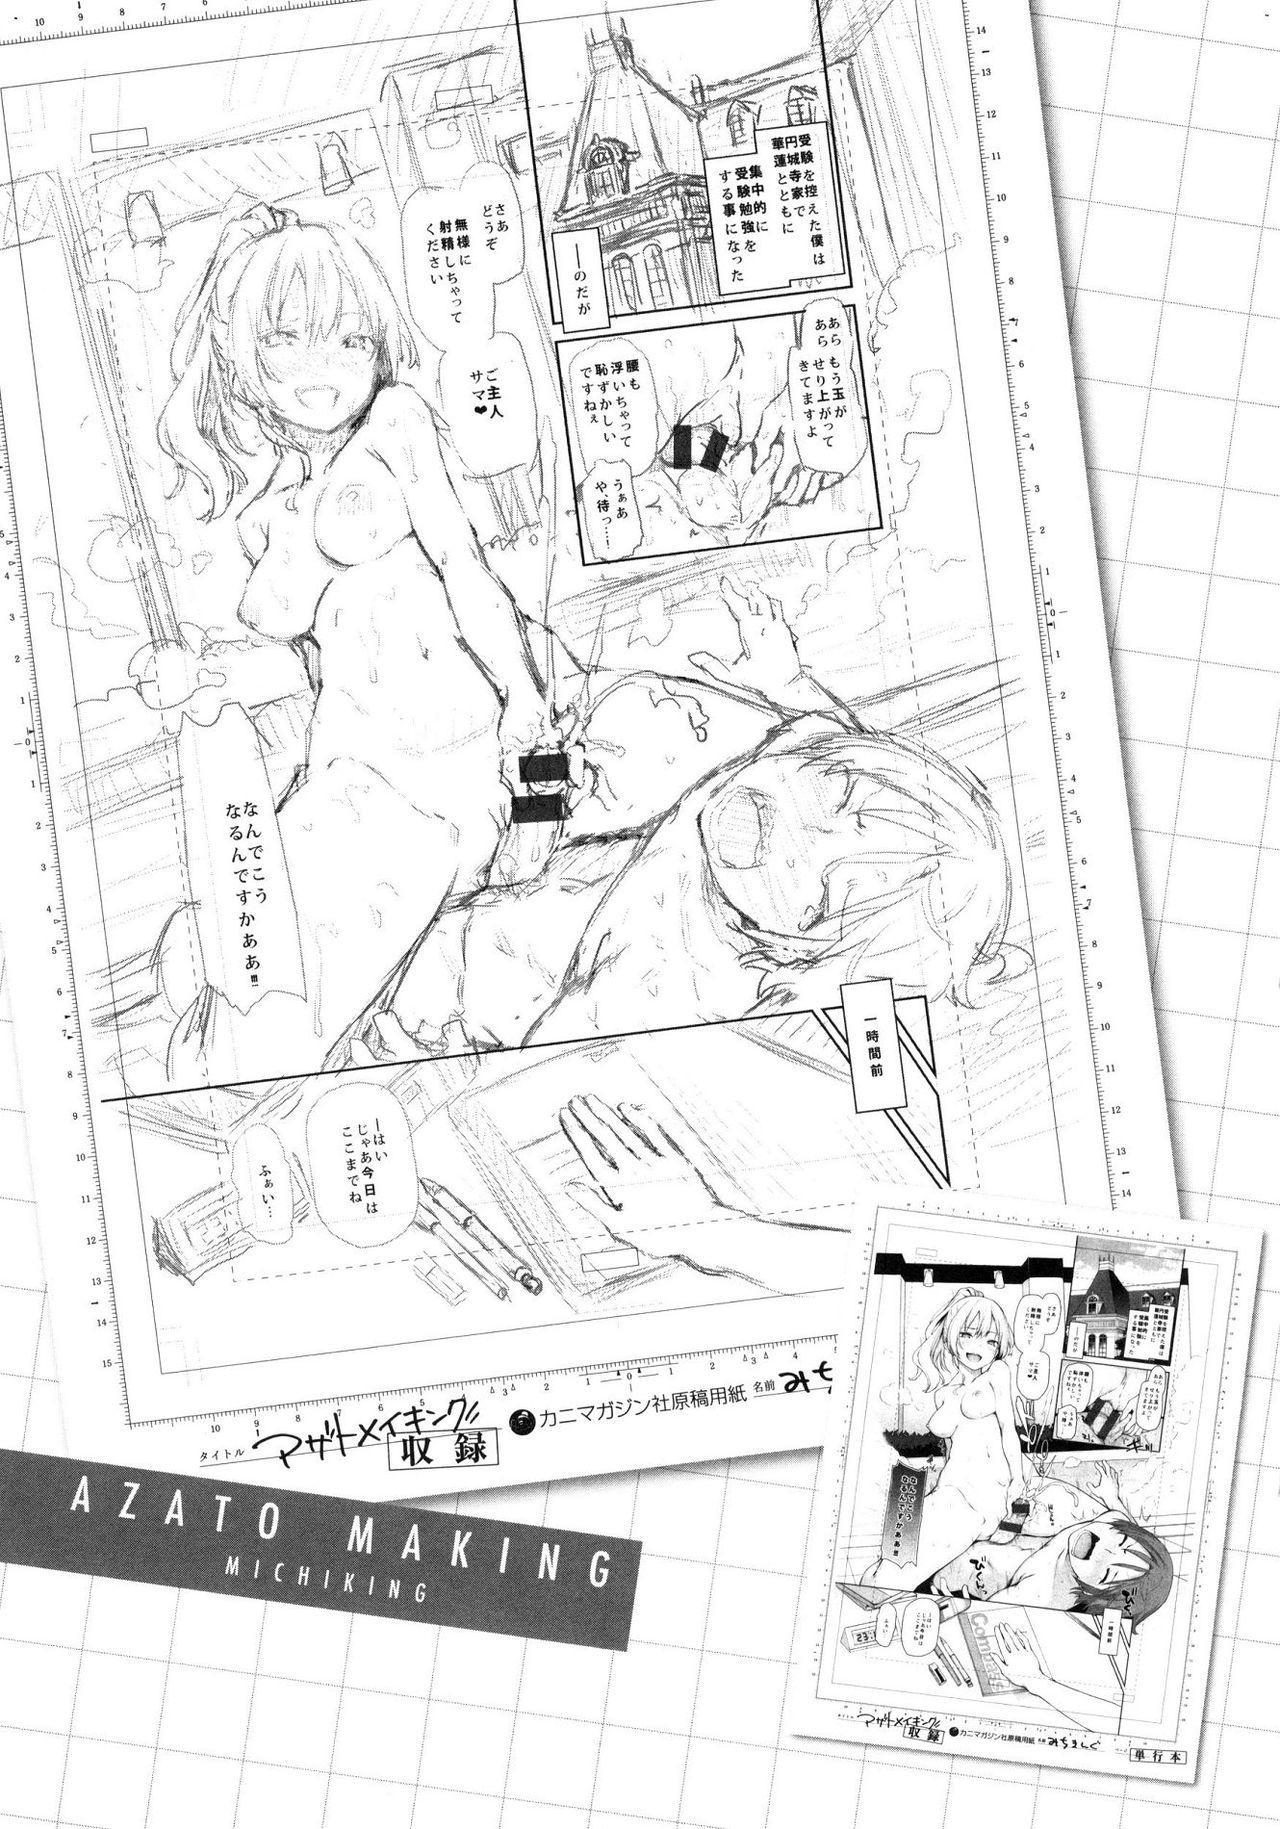 Azato Making Shokai Genteiban 35